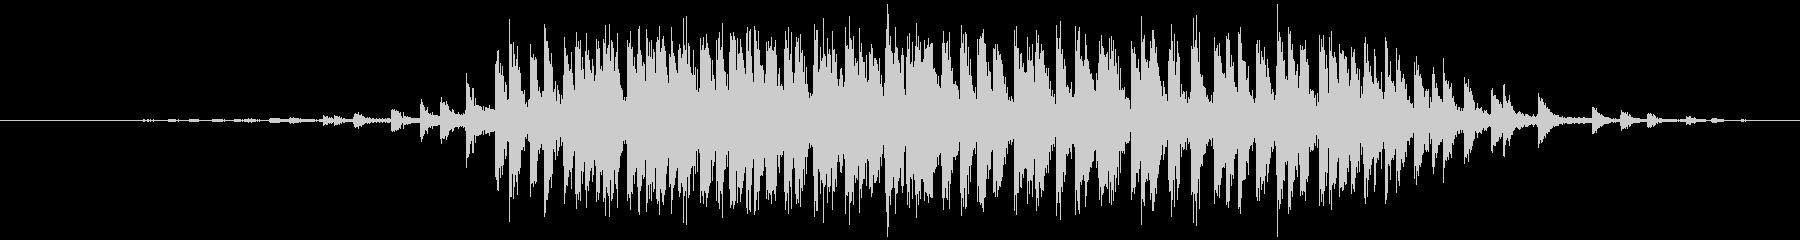 セロハンテープ等 伸ばす(ビィィッ)の未再生の波形